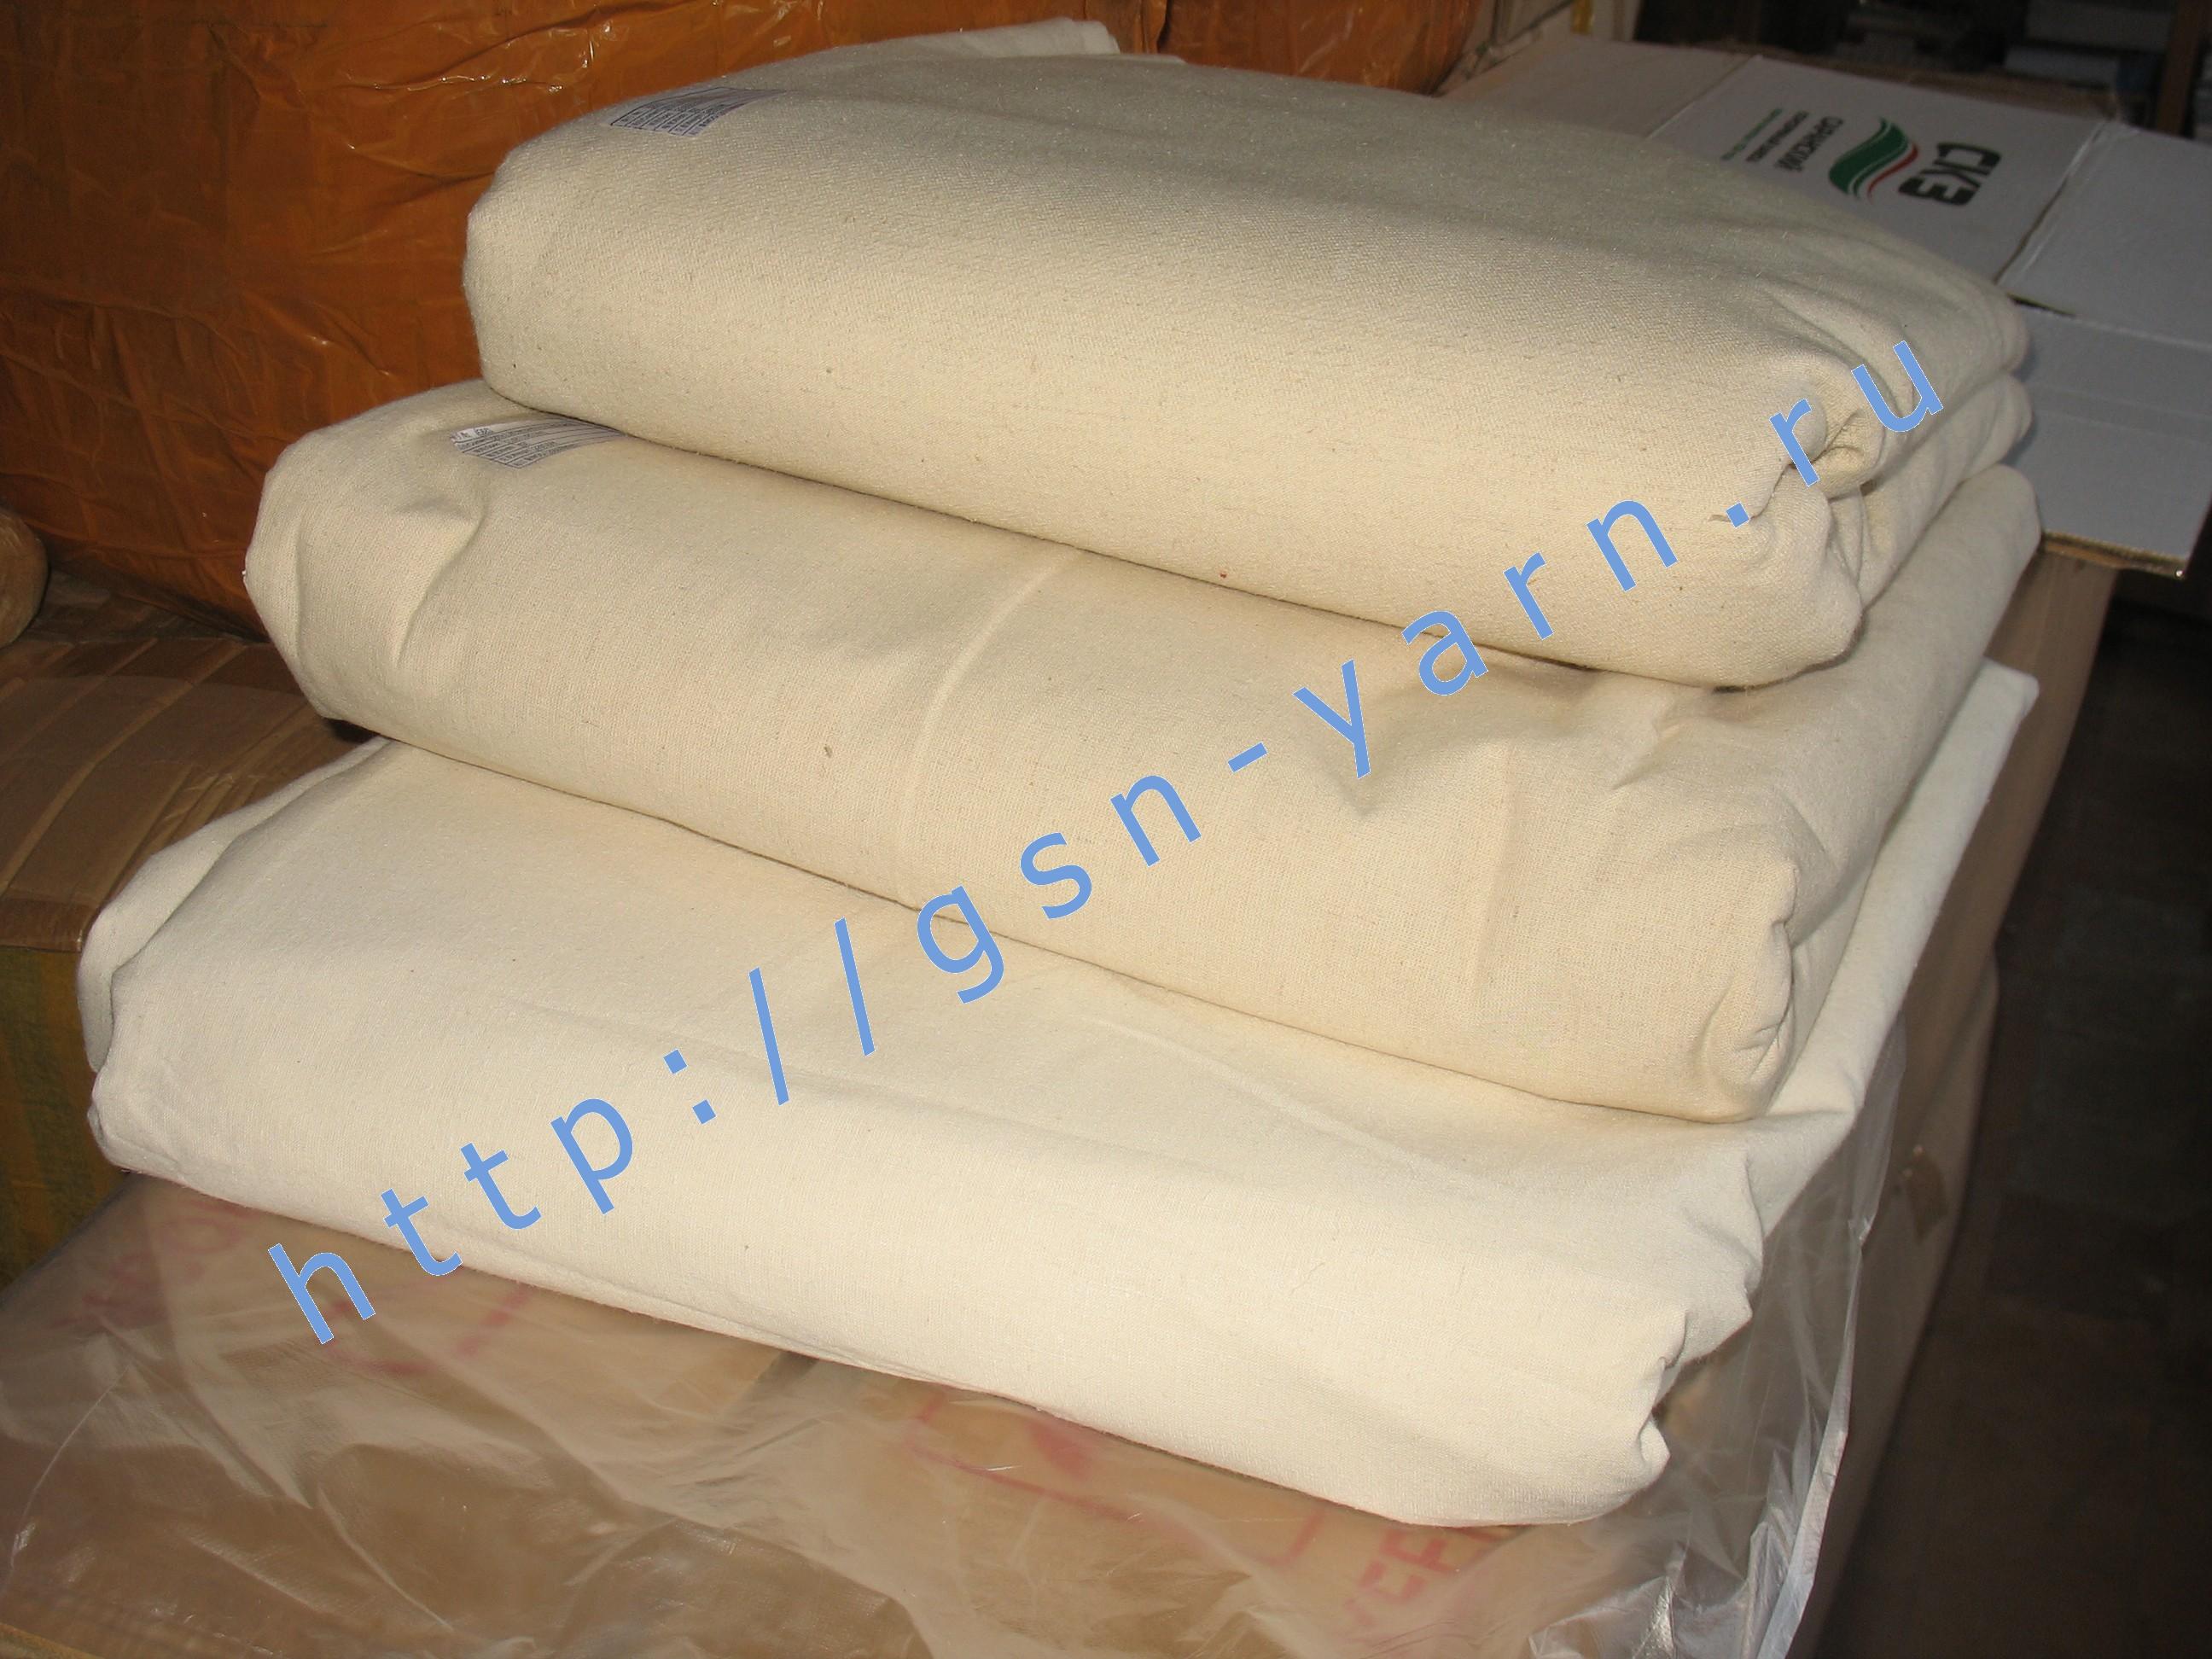 ткань из конопли, конопляная ткань, конопля, конопляные ткани